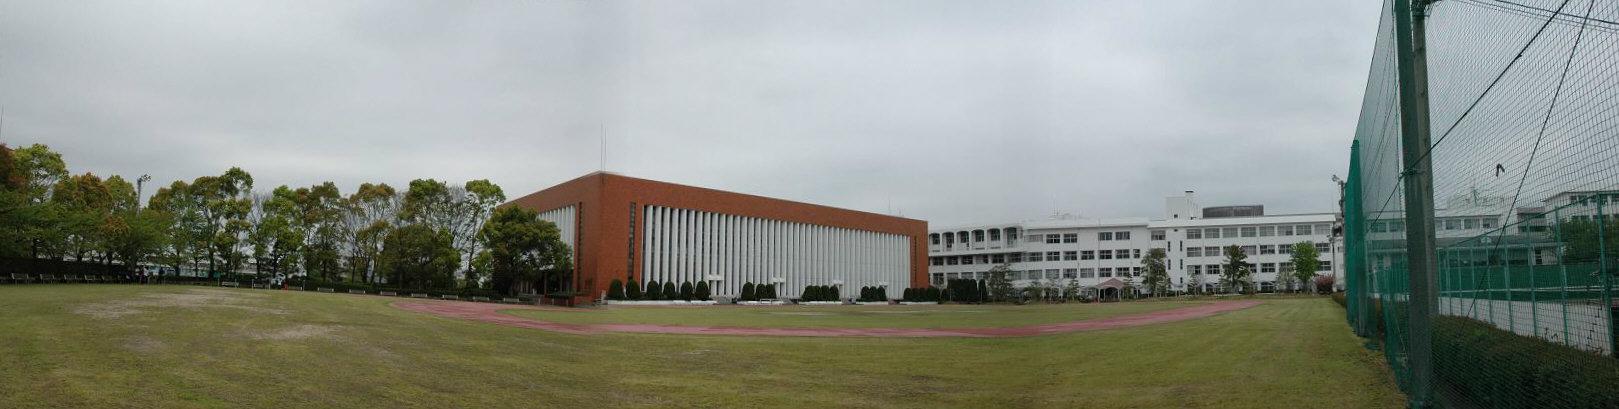 日本経済大学・保育短大・福祉大学_a0042310_20243862.jpg